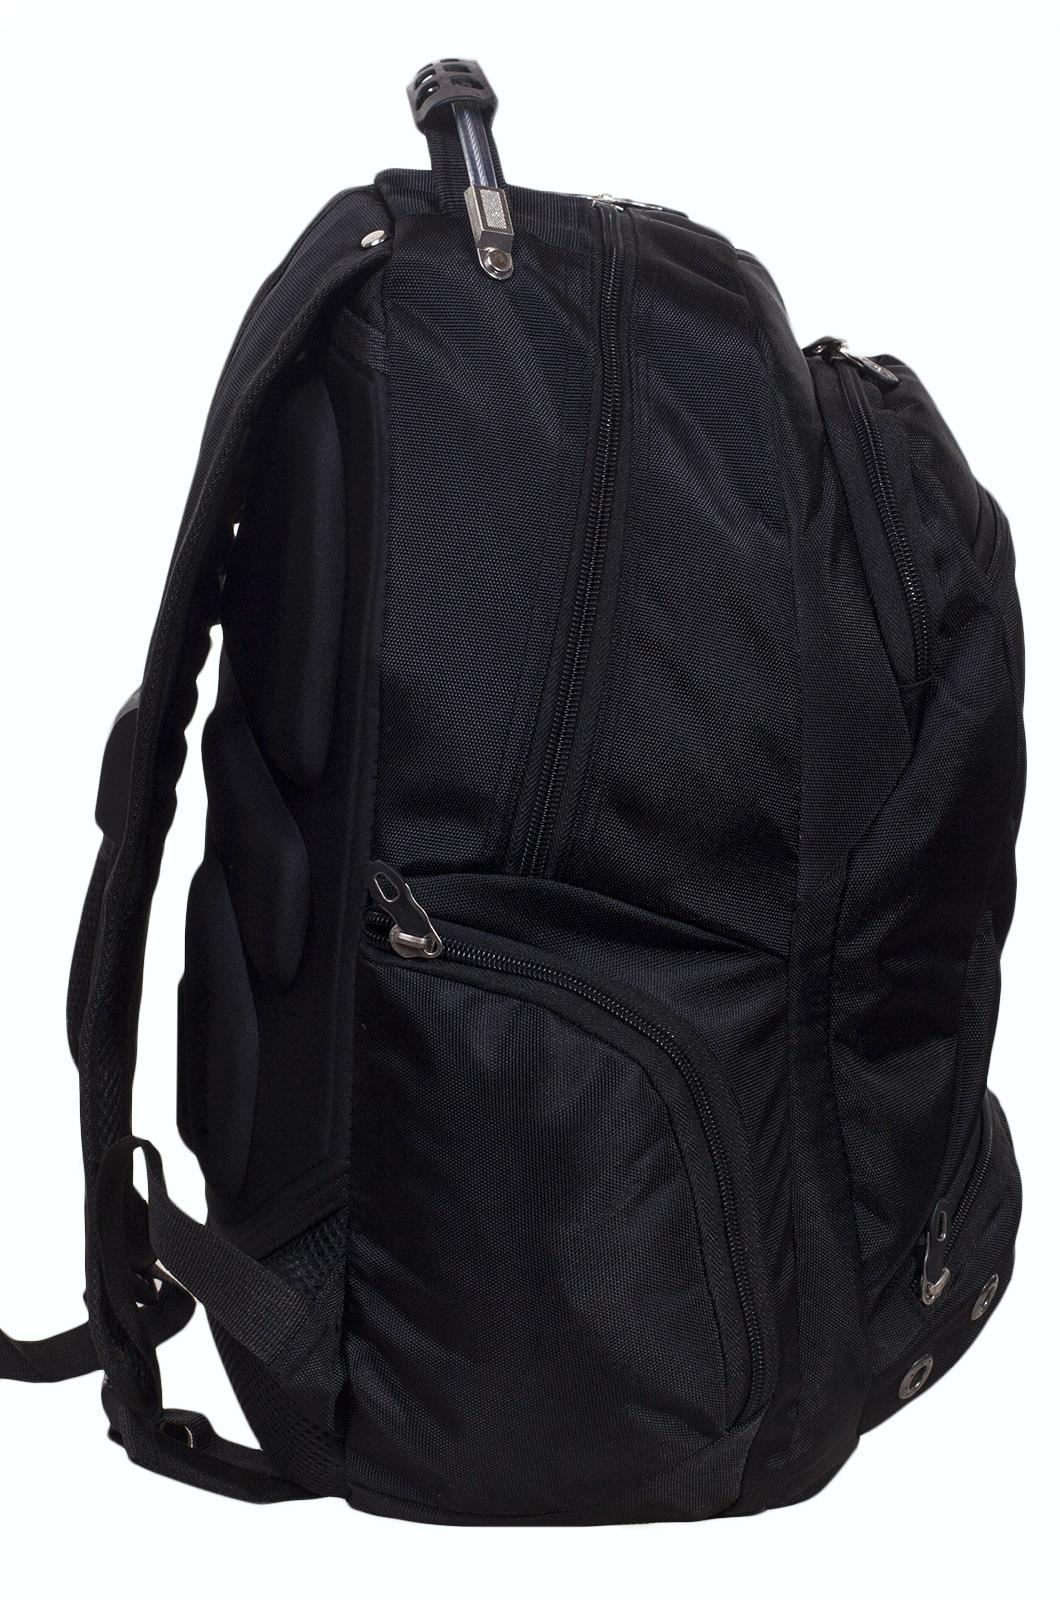 Водонепроницаемый молодежный универсальный рюкзак